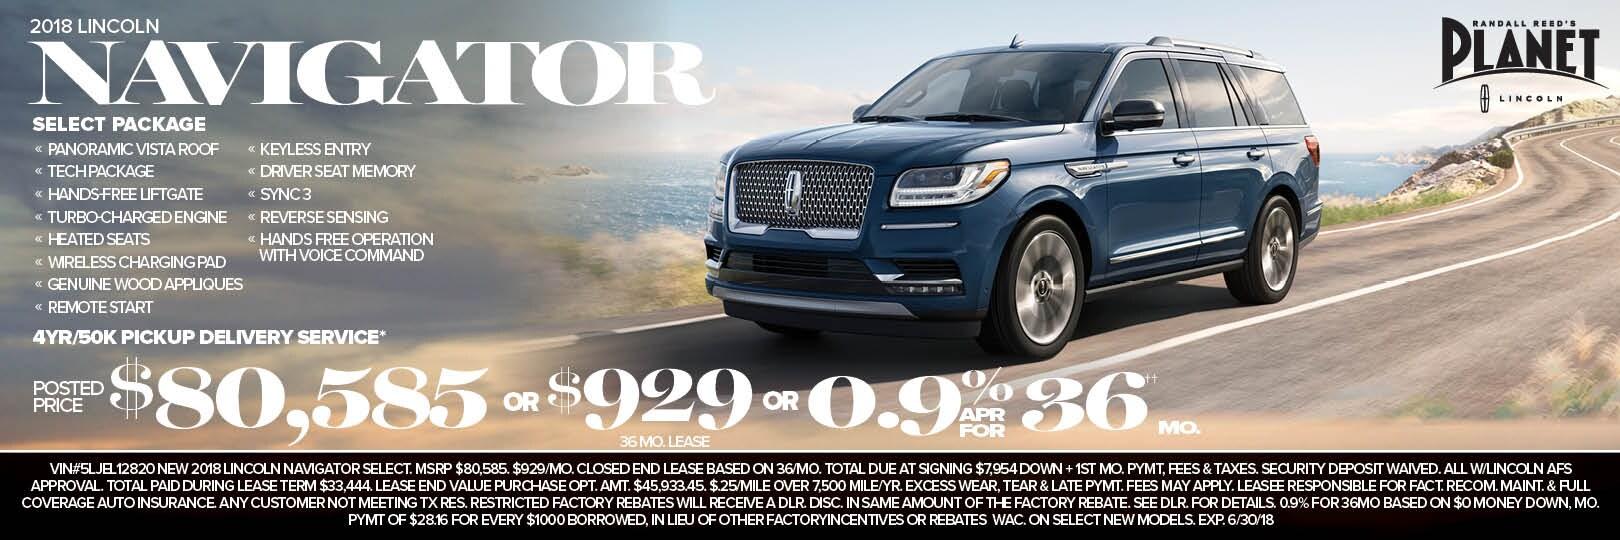 e lincoln drivetime sale in full for mkz houston dealership fb